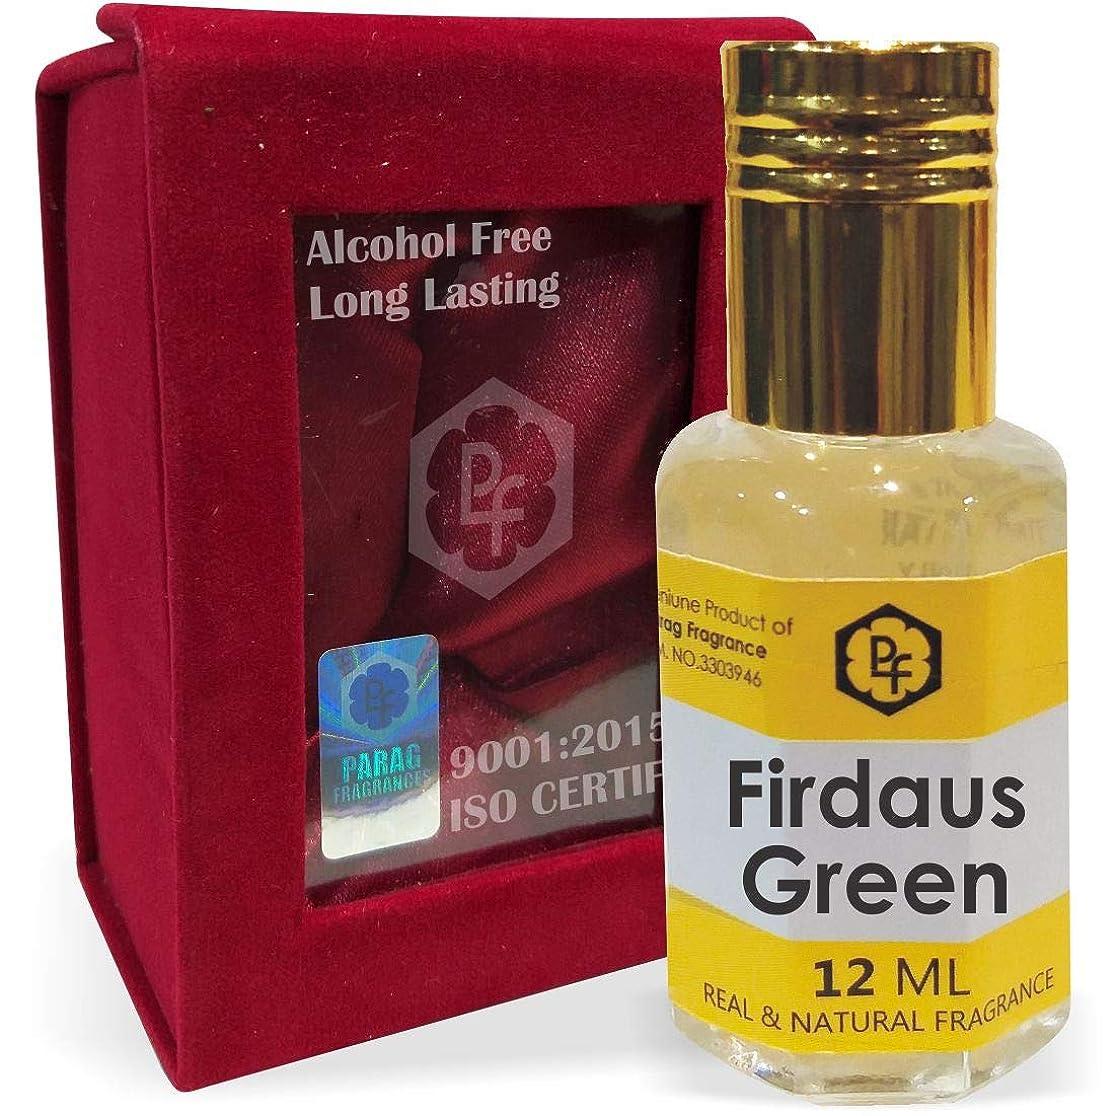 聞く教育学アコード手作りのベルベットボックスParagフレグランスフィルダウスグリーン12ミリリットルアター/香油/(インドの伝統的なBhapka処理方法により、インド製)フレグランスオイル|アターITRA最高の品質長持ち